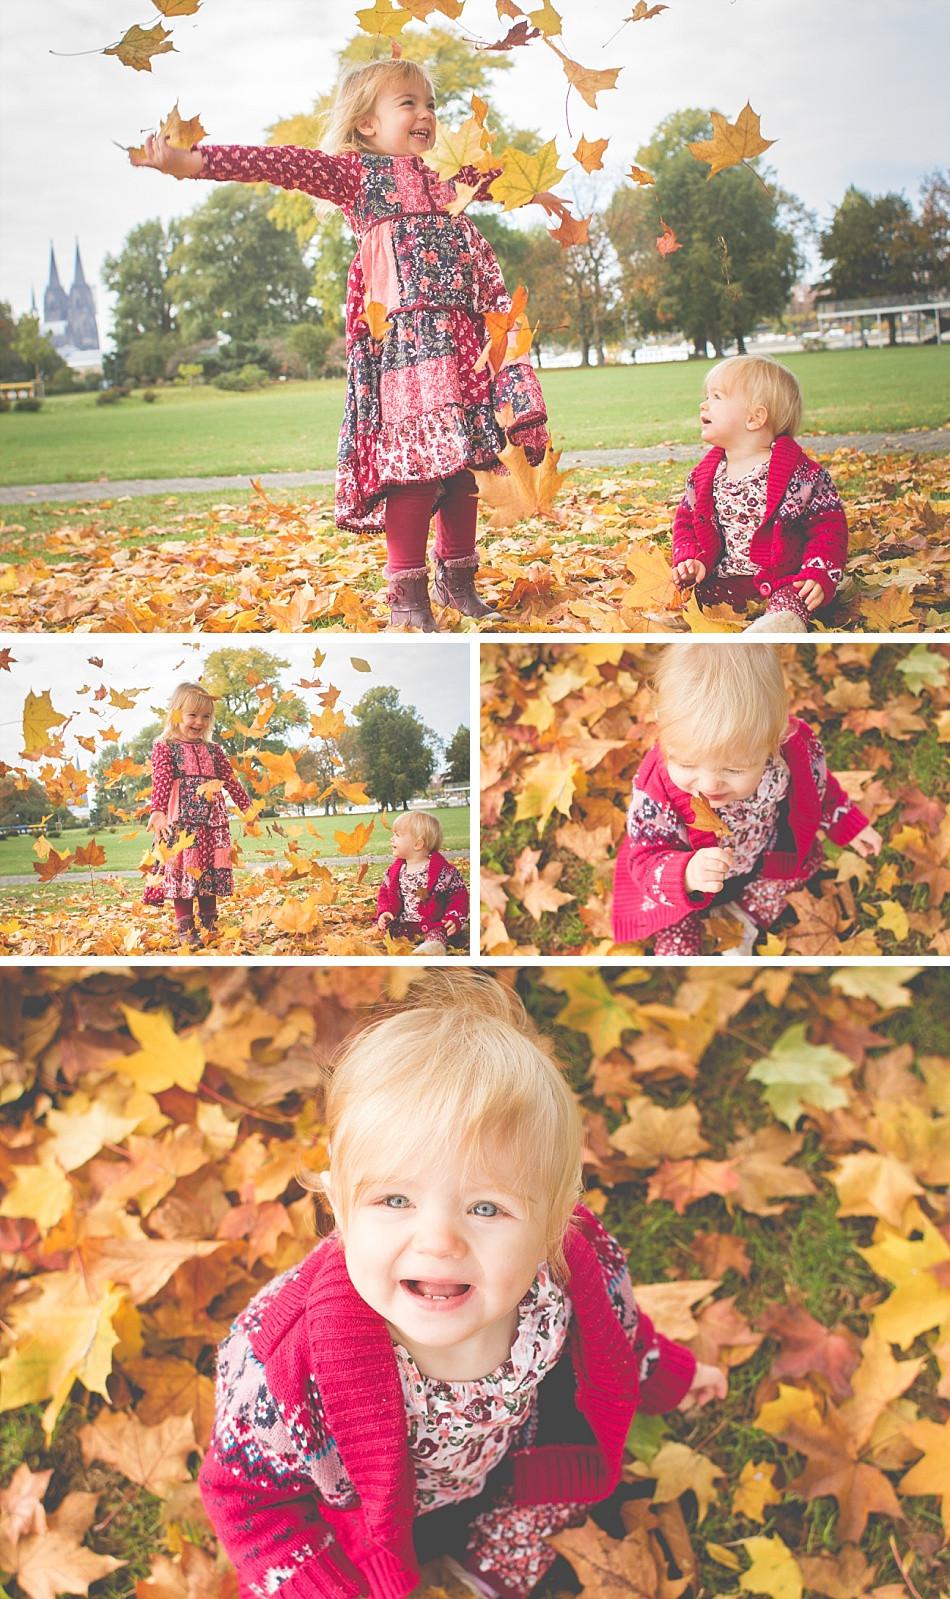 Geschwisterfotos mit Herbstlaub draußen